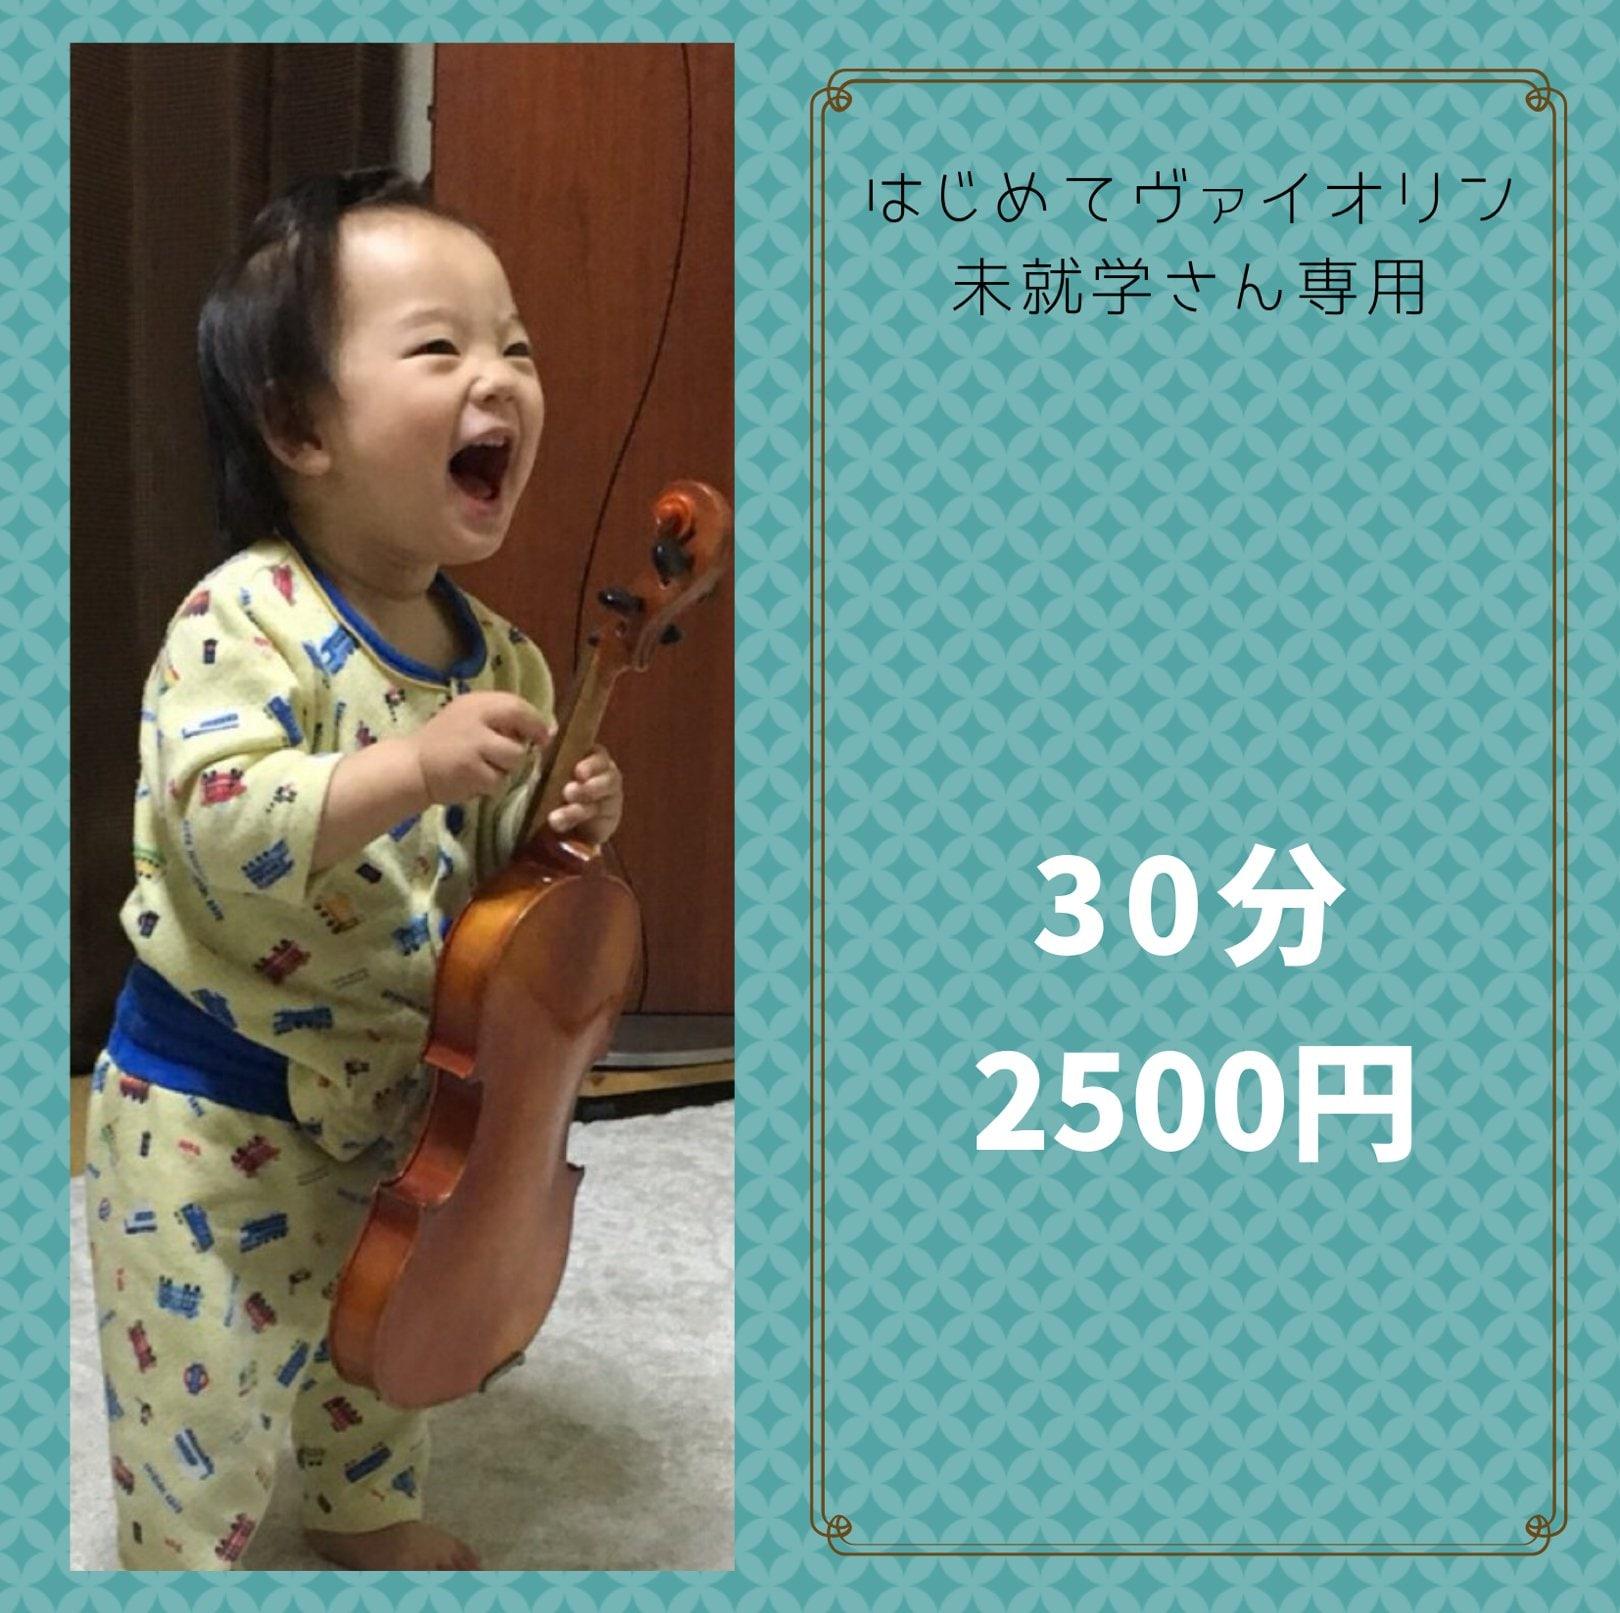 30分未就学児/初心者こどもバイオリンレッスンのイメージその2